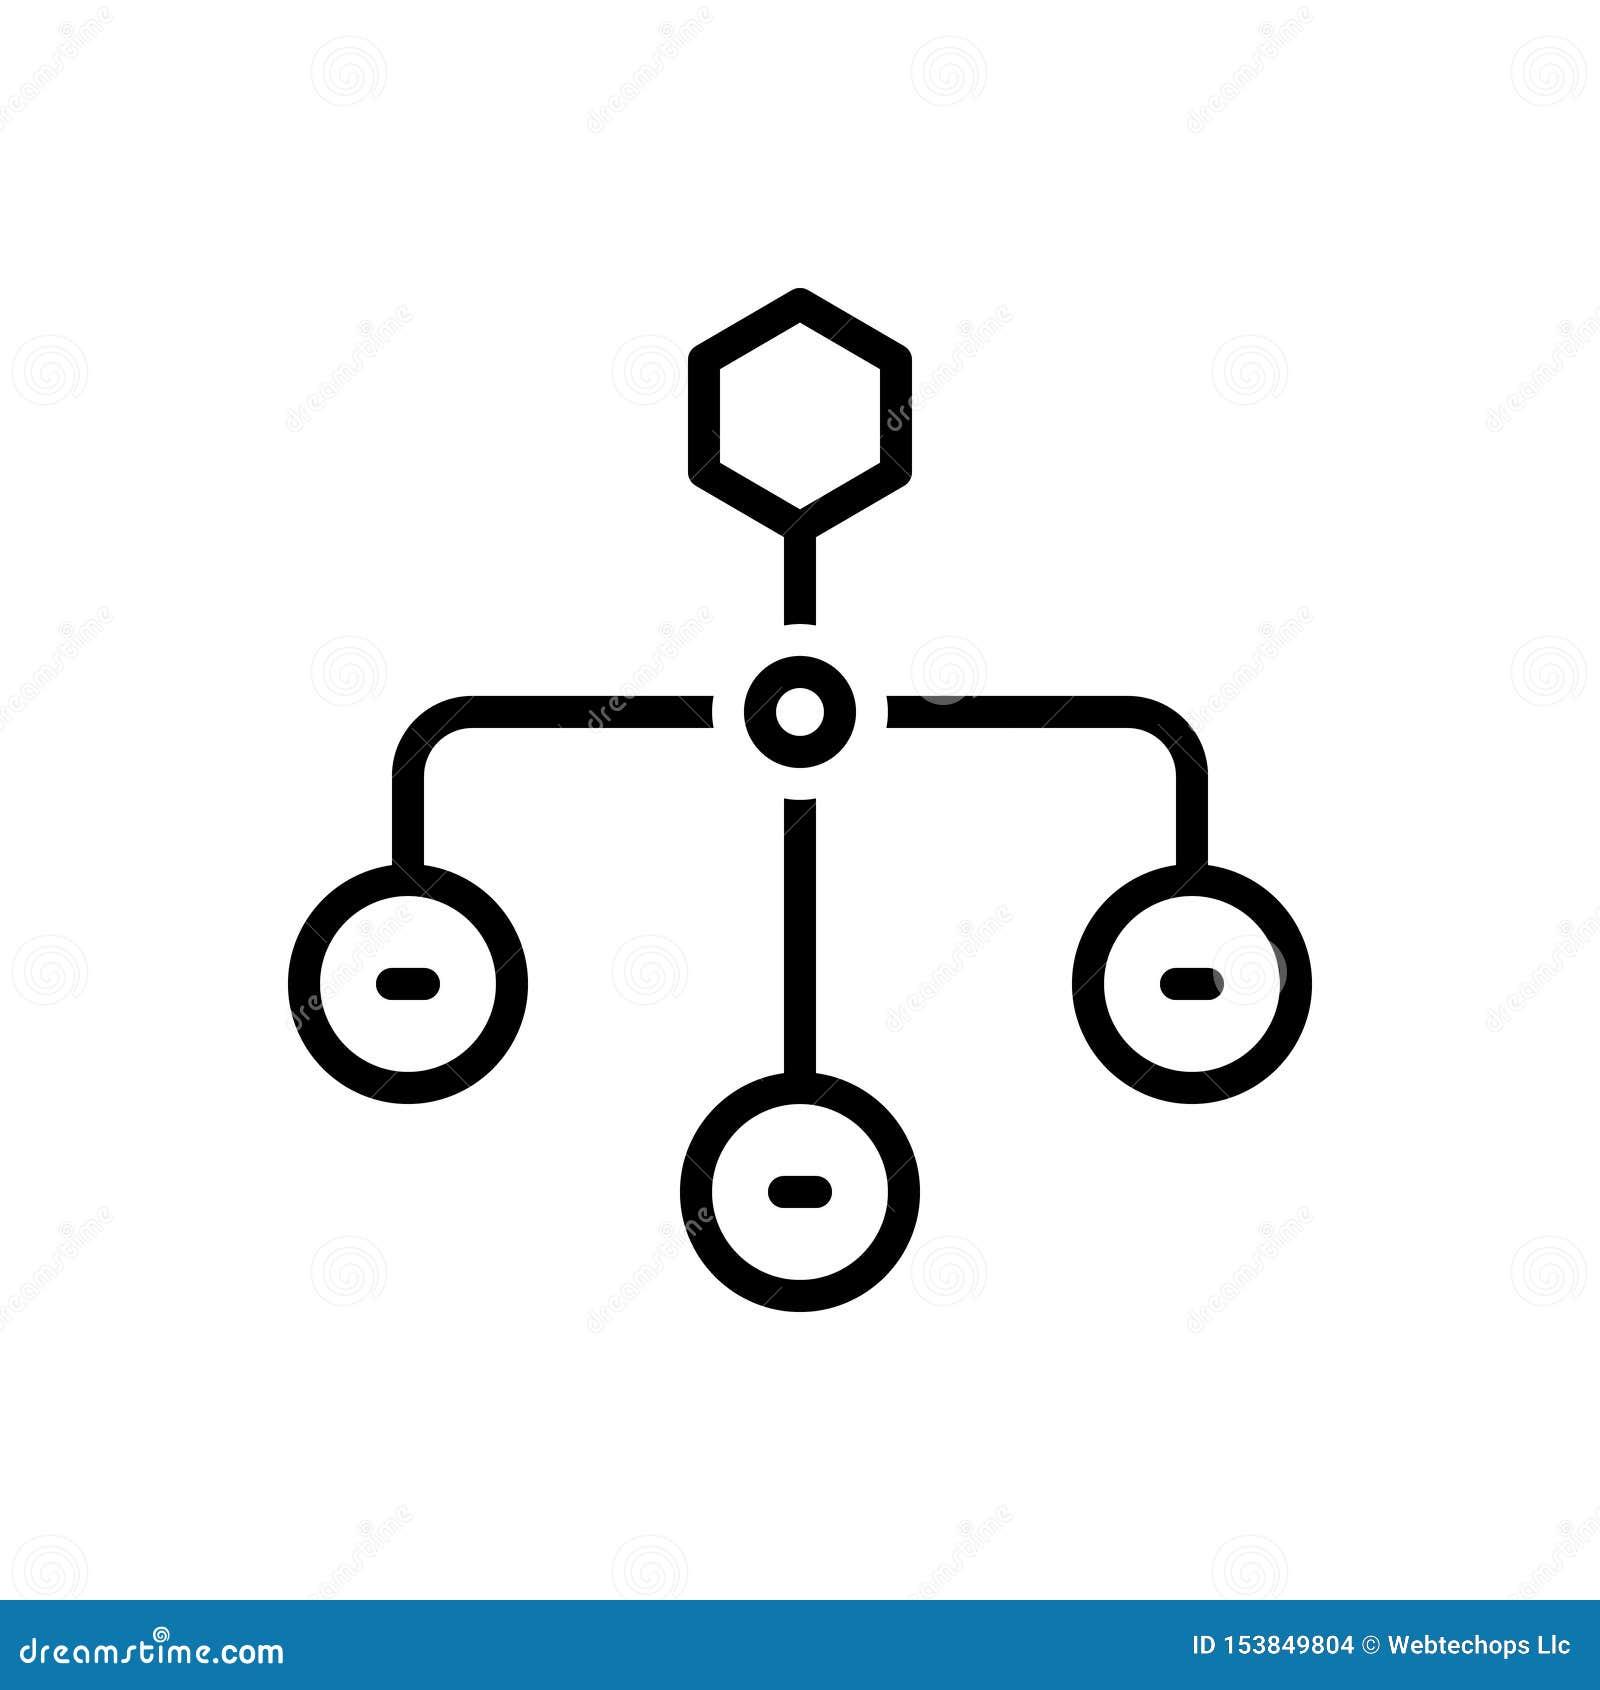 Svart linje symbol för hierarkisk struktur, sitemap och orientering